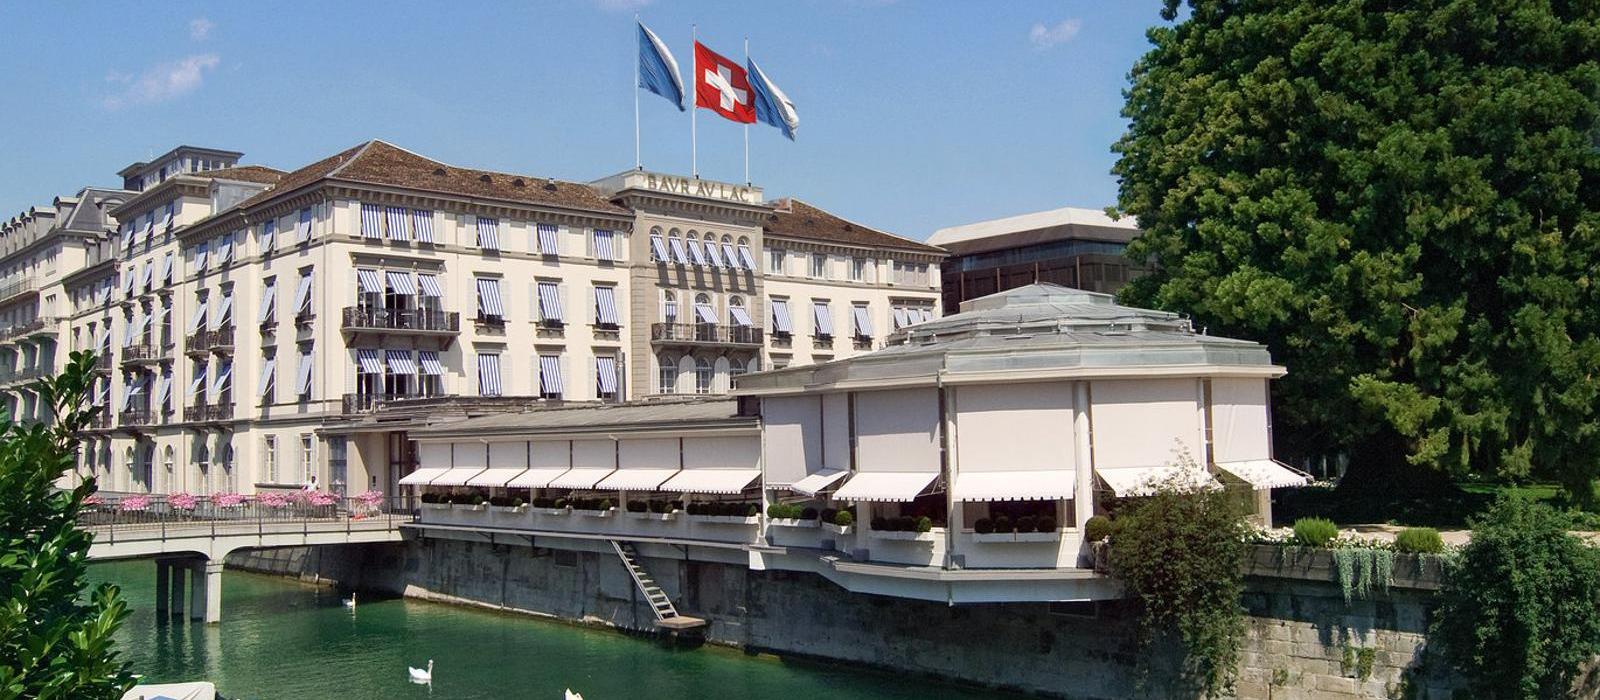 博安湖畔酒店(Baur au Lac) 酒店外观图片  www.lhw.cn